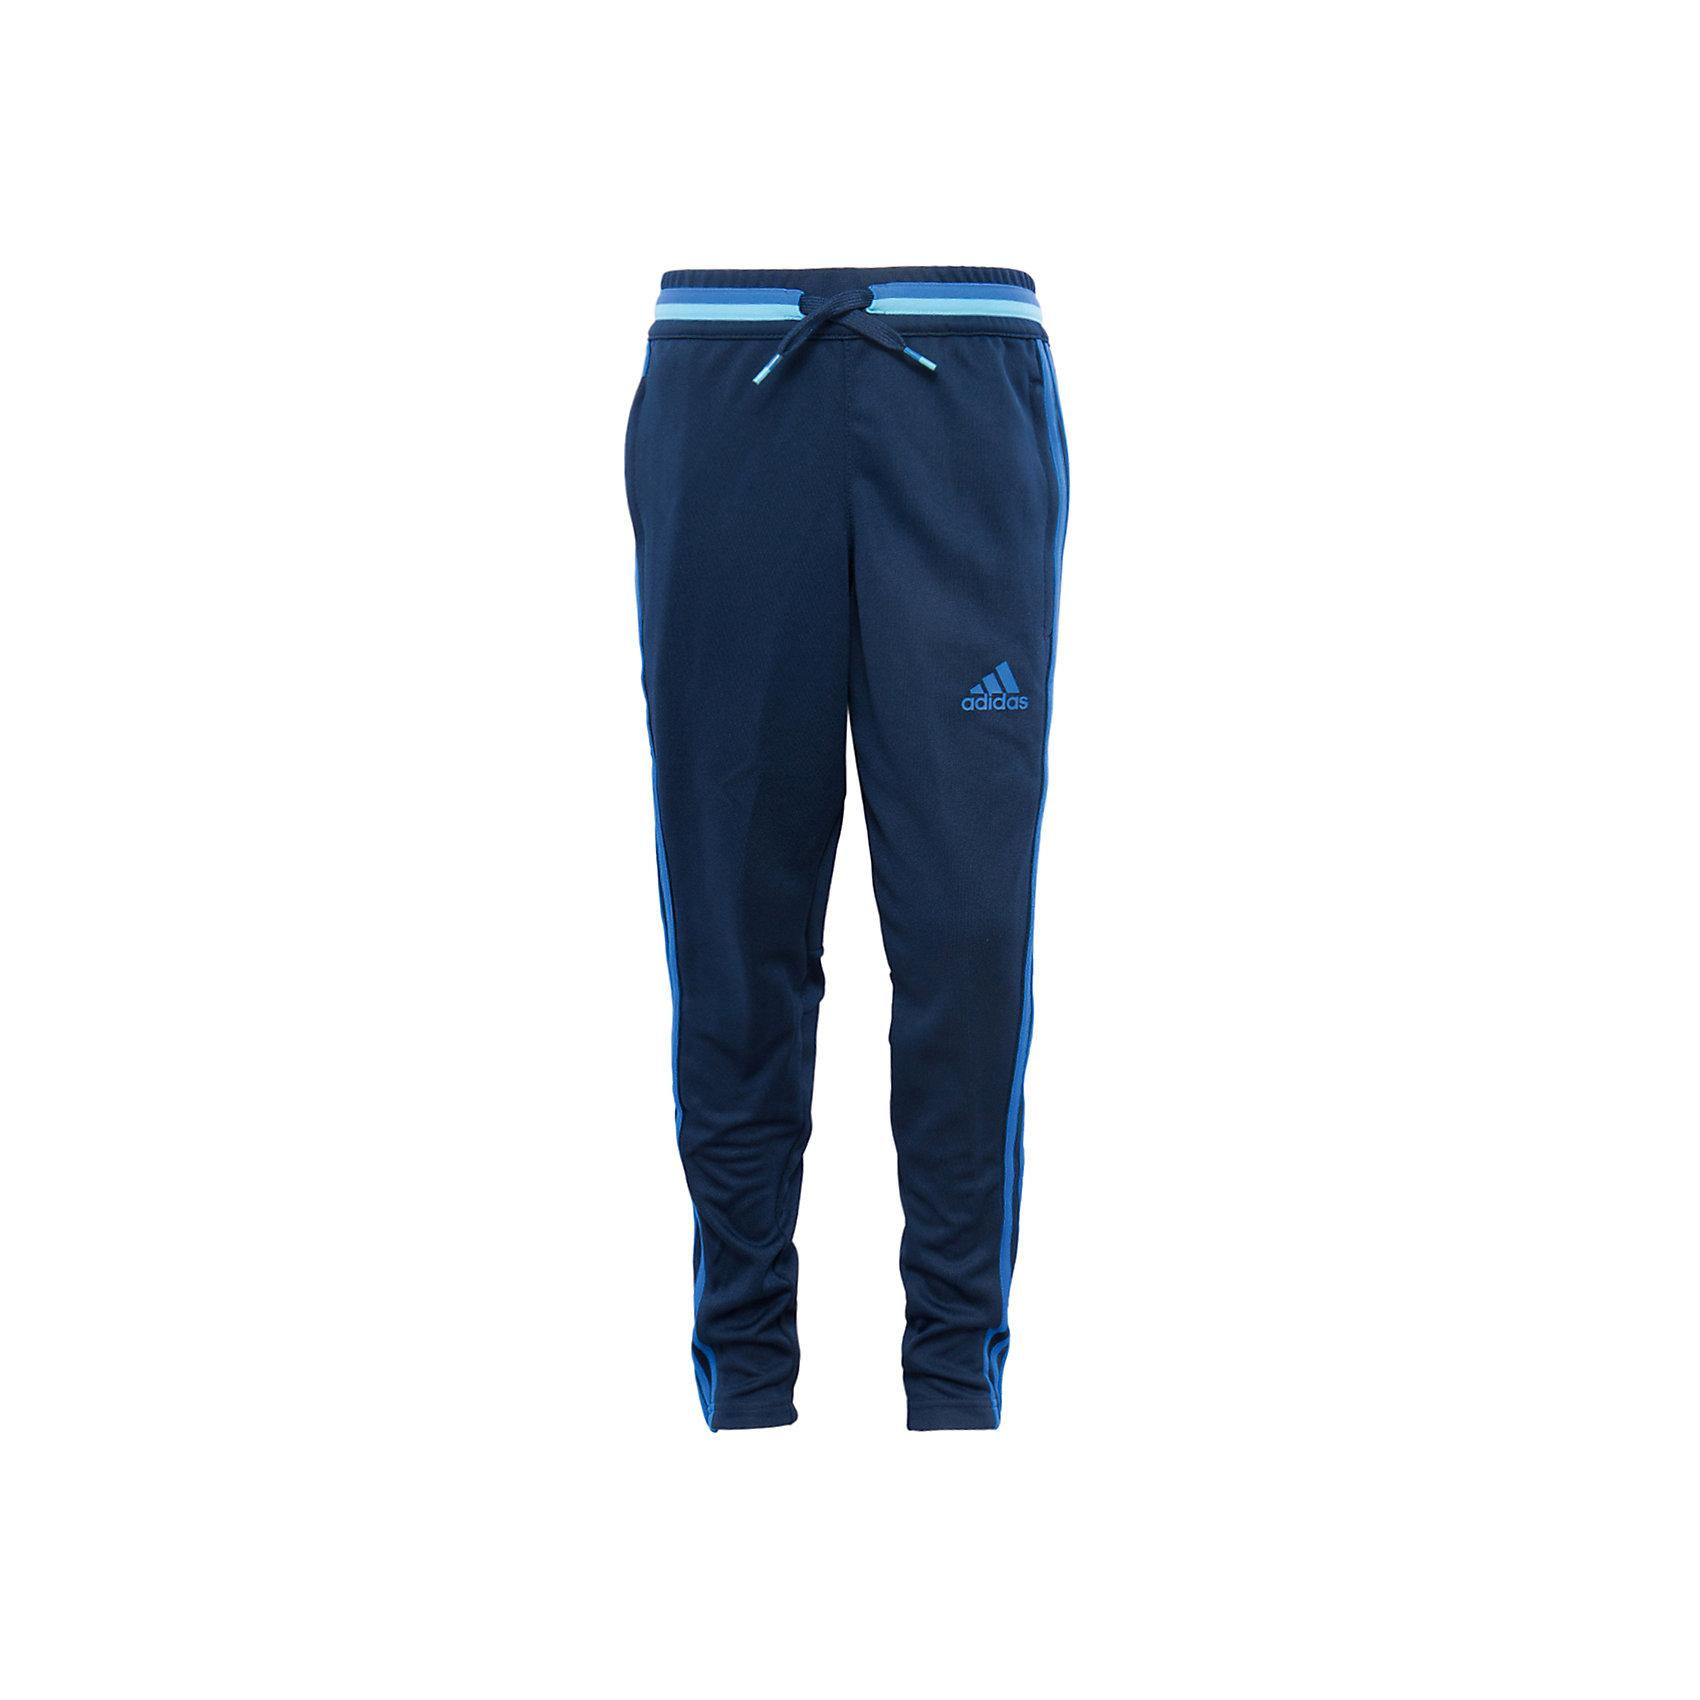 Трикотажные брюки adidasТрикотажные брюки Аdidas (Адидас).<br><br>Характеристики:<br><br>• цвет: темно - синий;<br>• состав: 100% полиэстер;<br>• Технология climacool® сохраняет приятные ощущения прохлады и свежести благодаря специальным сетчатым вставкам<br>• Передние карманы на молнии<br>• Эластичный пояс на регулируемых завязках-шнурках; <br>• сетчатые вставки под коленями для вентиляции; <br>• рифленые вставки на голенях; <br>• молнии на щиколотках<br>• Зауженный к низу крой<br><br>Трикотажные брюки от известного бренда Аdidas (Адидас)-эти удобные спортивные брюки отлично впишутся в гардероб  вашего ребенка. Брюки темно-синего цвета, декорированы ярко – голубыми лампасами. Данная модель выполнена на широкой  резинке в поясе, дополнительно собирается на шнурке. На брюках 2 кармана, застегивающихся на молнии. В прохладную погоду или вечером, в этих брюках юный спортсмен сможет воспользоваться любой возможностью пойти на тренировку. Модель с освежающей технологией climacool® обеспечивает необходимую вентиляцию и поддерживает комфортную температуру тела. Функциональный зауженный к низу крой для удобства во время тренировки. Они хорошо сидят на ребенке, обеспечивают комфорт и отлично сочетаются с другой спортивной одеждой. <br><br>Трикотажные брюки Аdidas (Адидас), можно купить в нашем интернет-магазине.<br><br>Ширина мм: 215<br>Глубина мм: 88<br>Высота мм: 191<br>Вес г: 336<br>Цвет: голубой<br>Возраст от месяцев: 84<br>Возраст до месяцев: 96<br>Пол: Мужской<br>Возраст: Детский<br>Размер: 128,176,152,164<br>SKU: 5003549